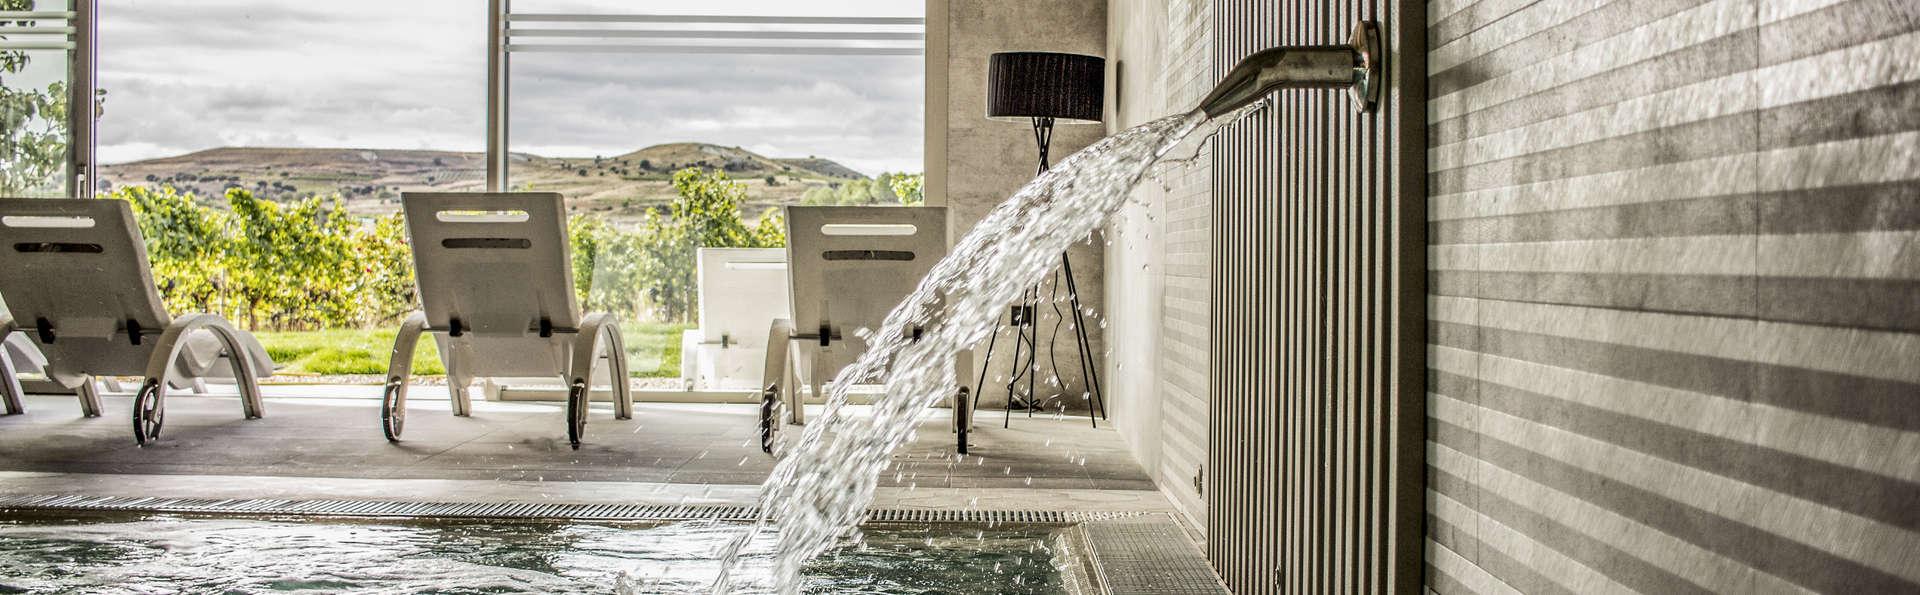 Escapada relax con acceso al circuito spa con vistas a los viñedos de Aranda de Duero